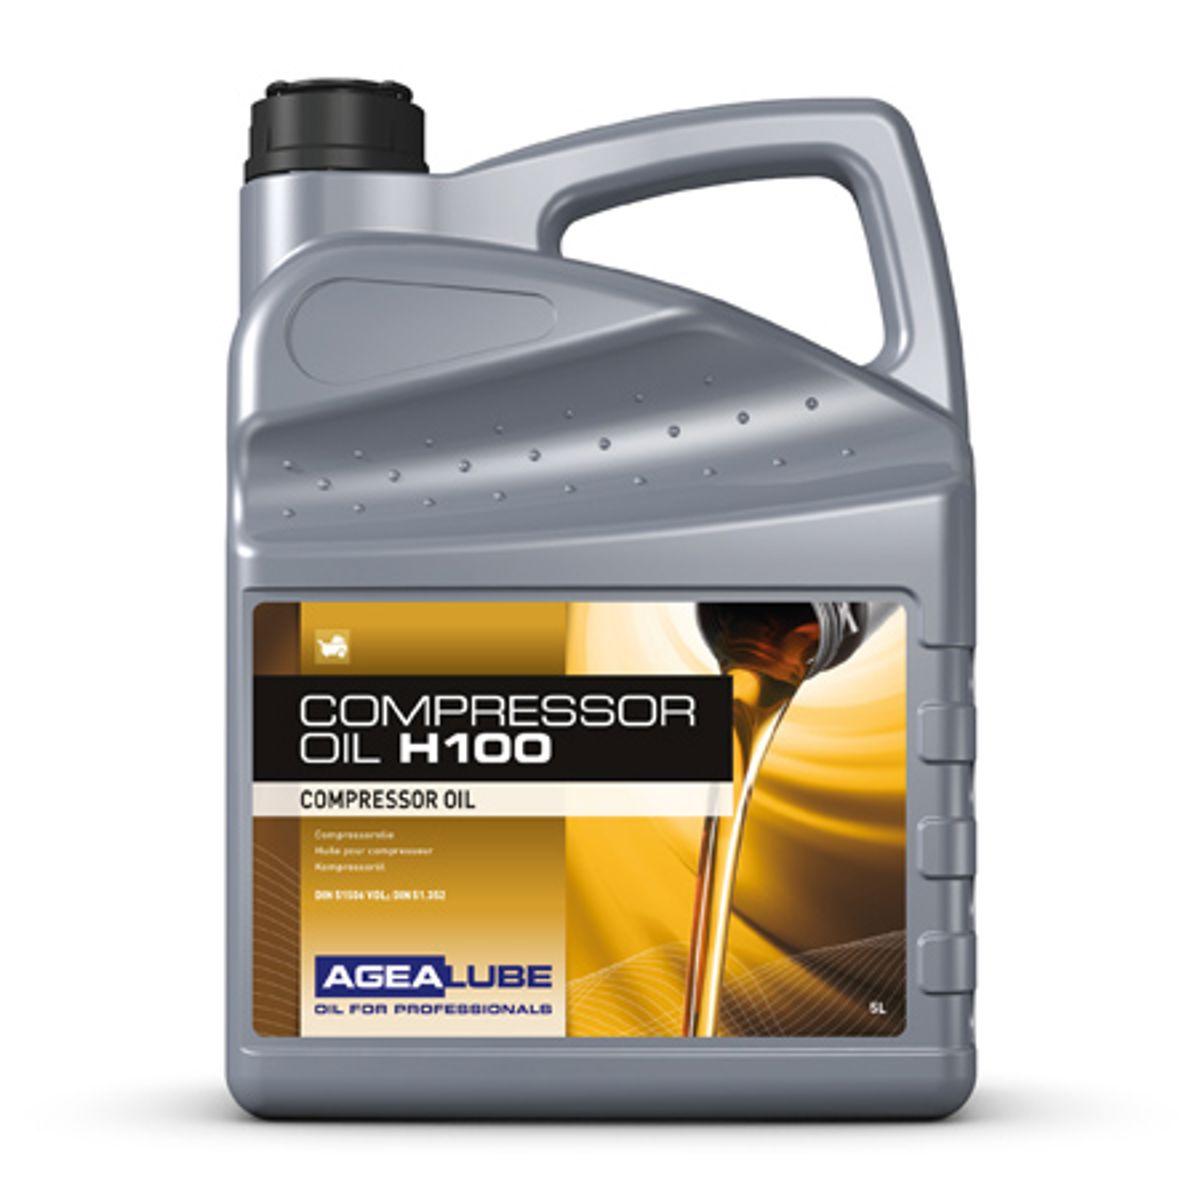 Agealube compressor olie h 100 5l